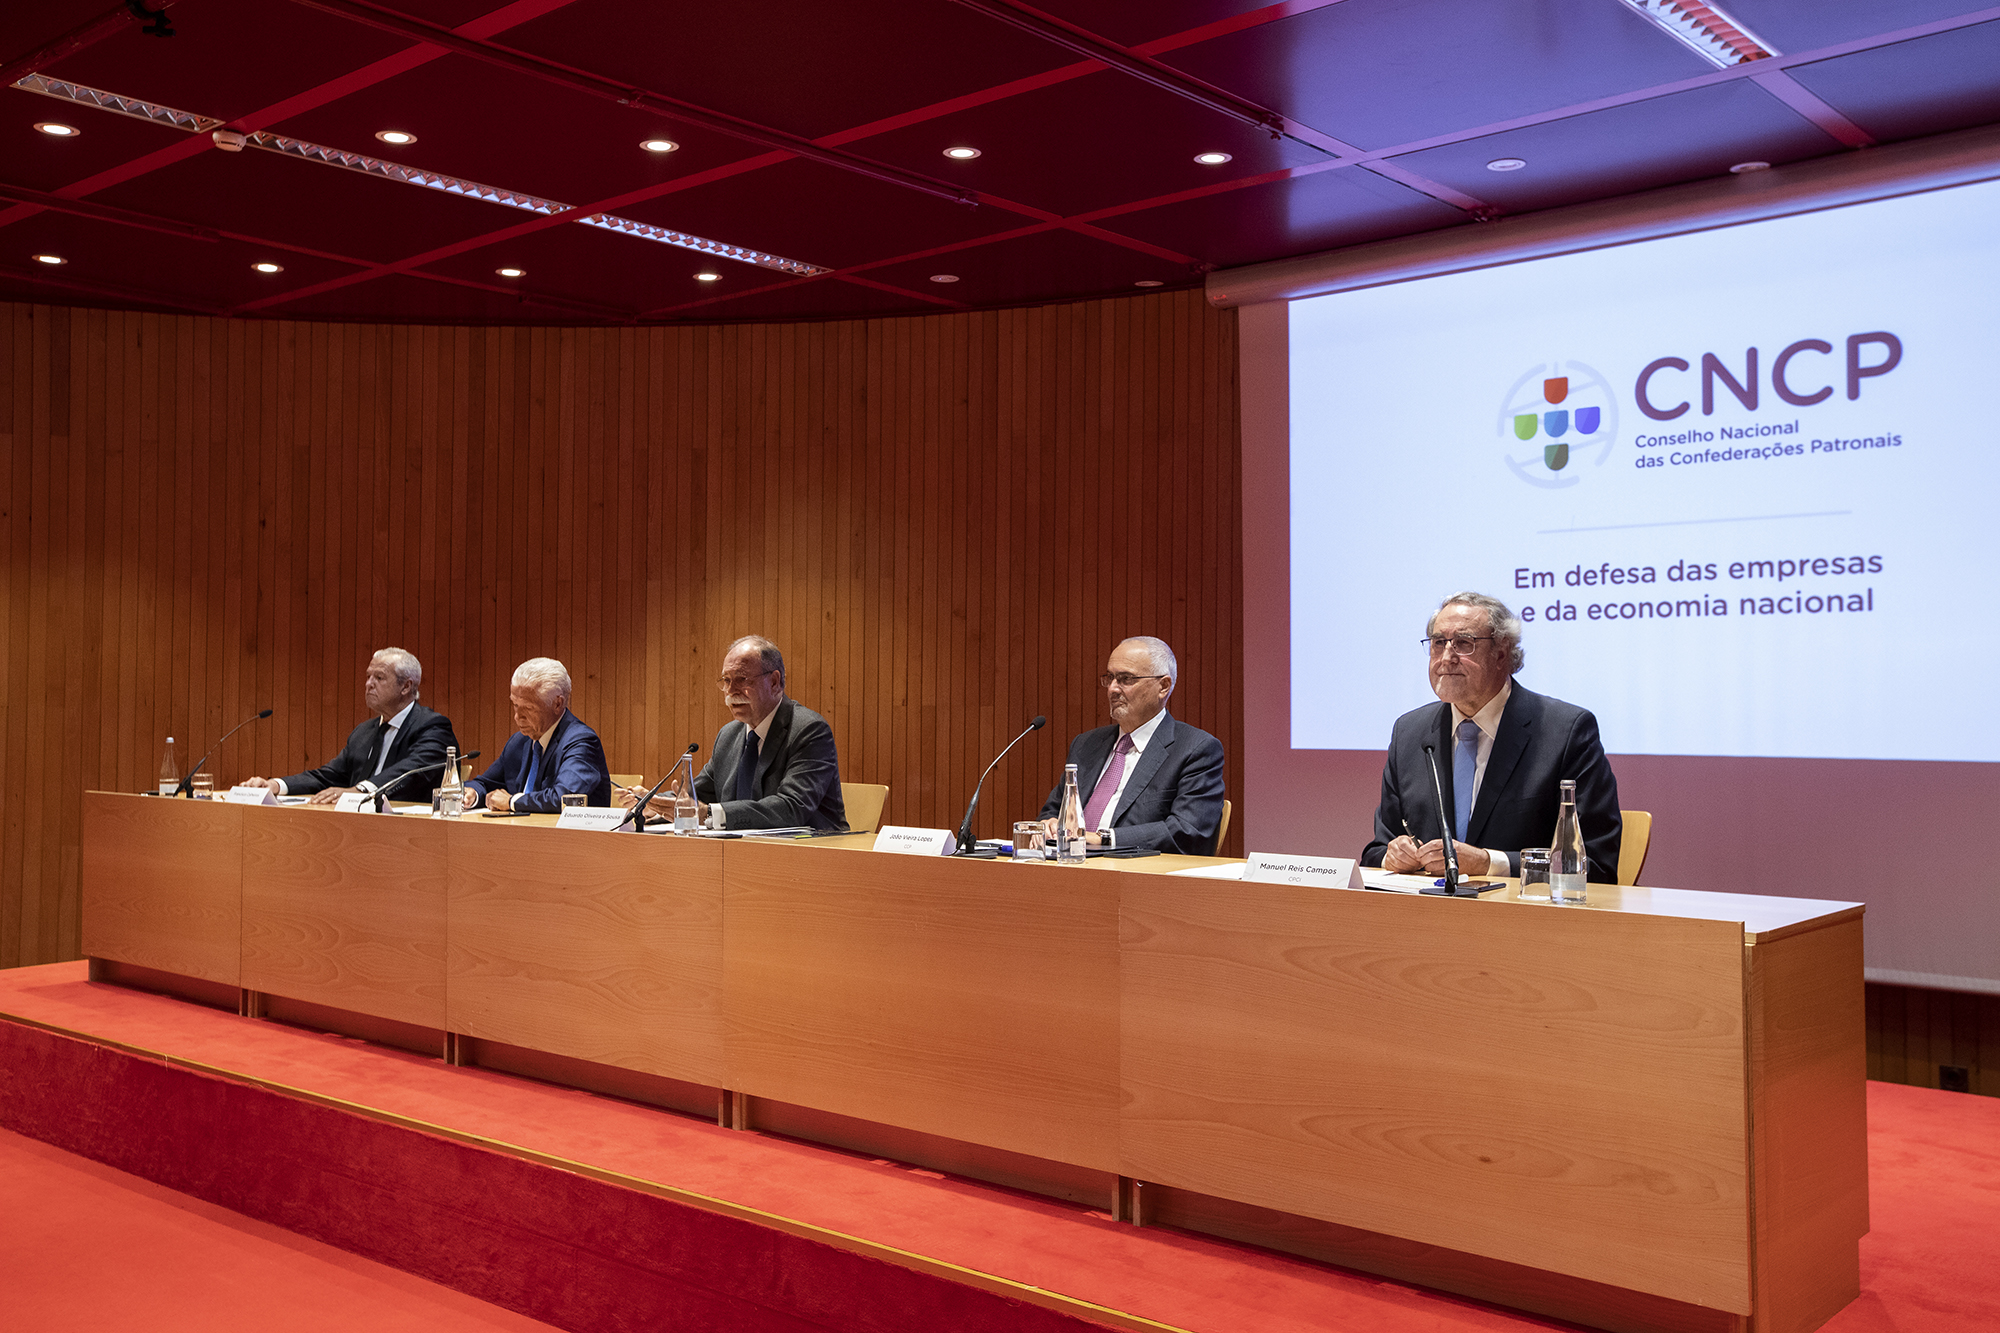 Conferência de imprensa de apresentação da CNCP - 18MAI21